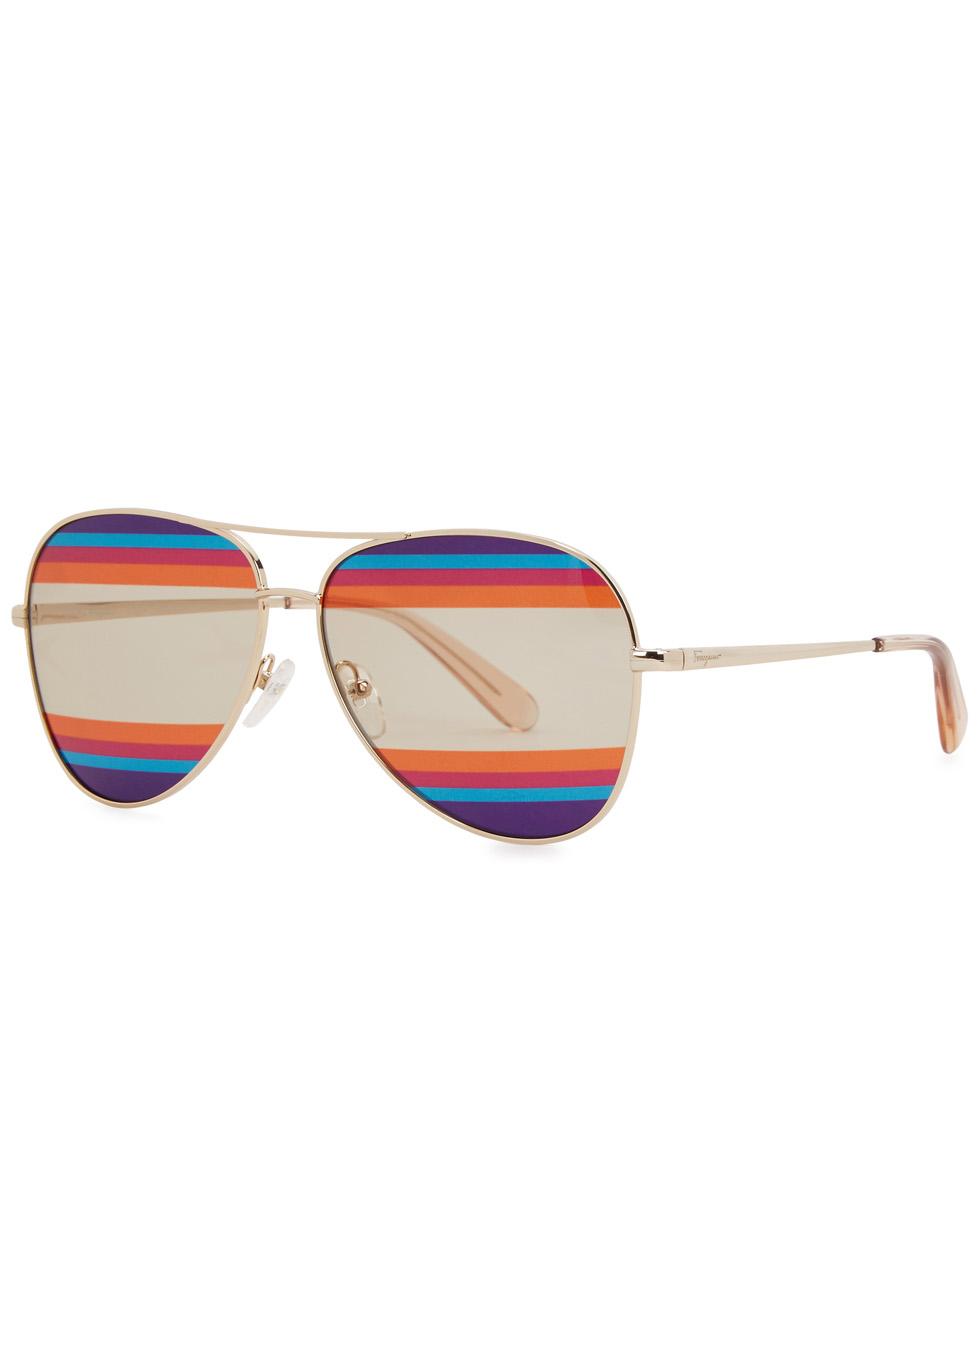 Striped aviator-style sunglasses - Salvatore Ferragamo